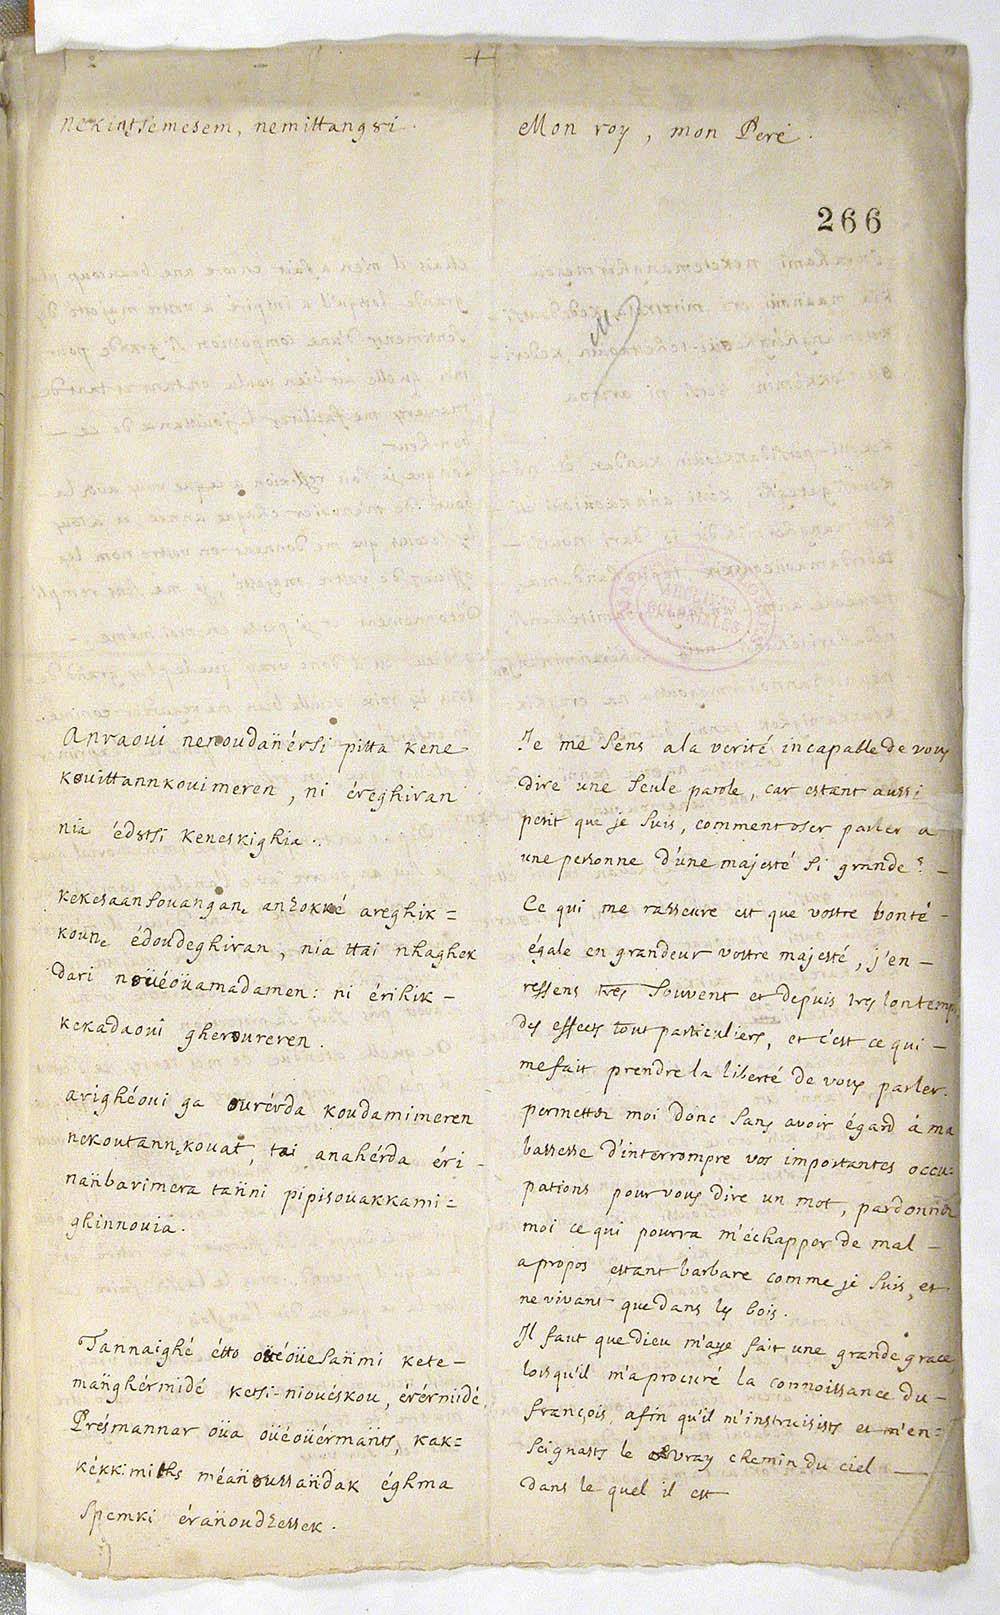 Lettre des Abénaquis au roi de France pour obtenir son appui alors que les Anglais cherchent à s'emparer de leurs terres, vers 1715. FR CAOM COL C11A 1 fol. 266-267vo